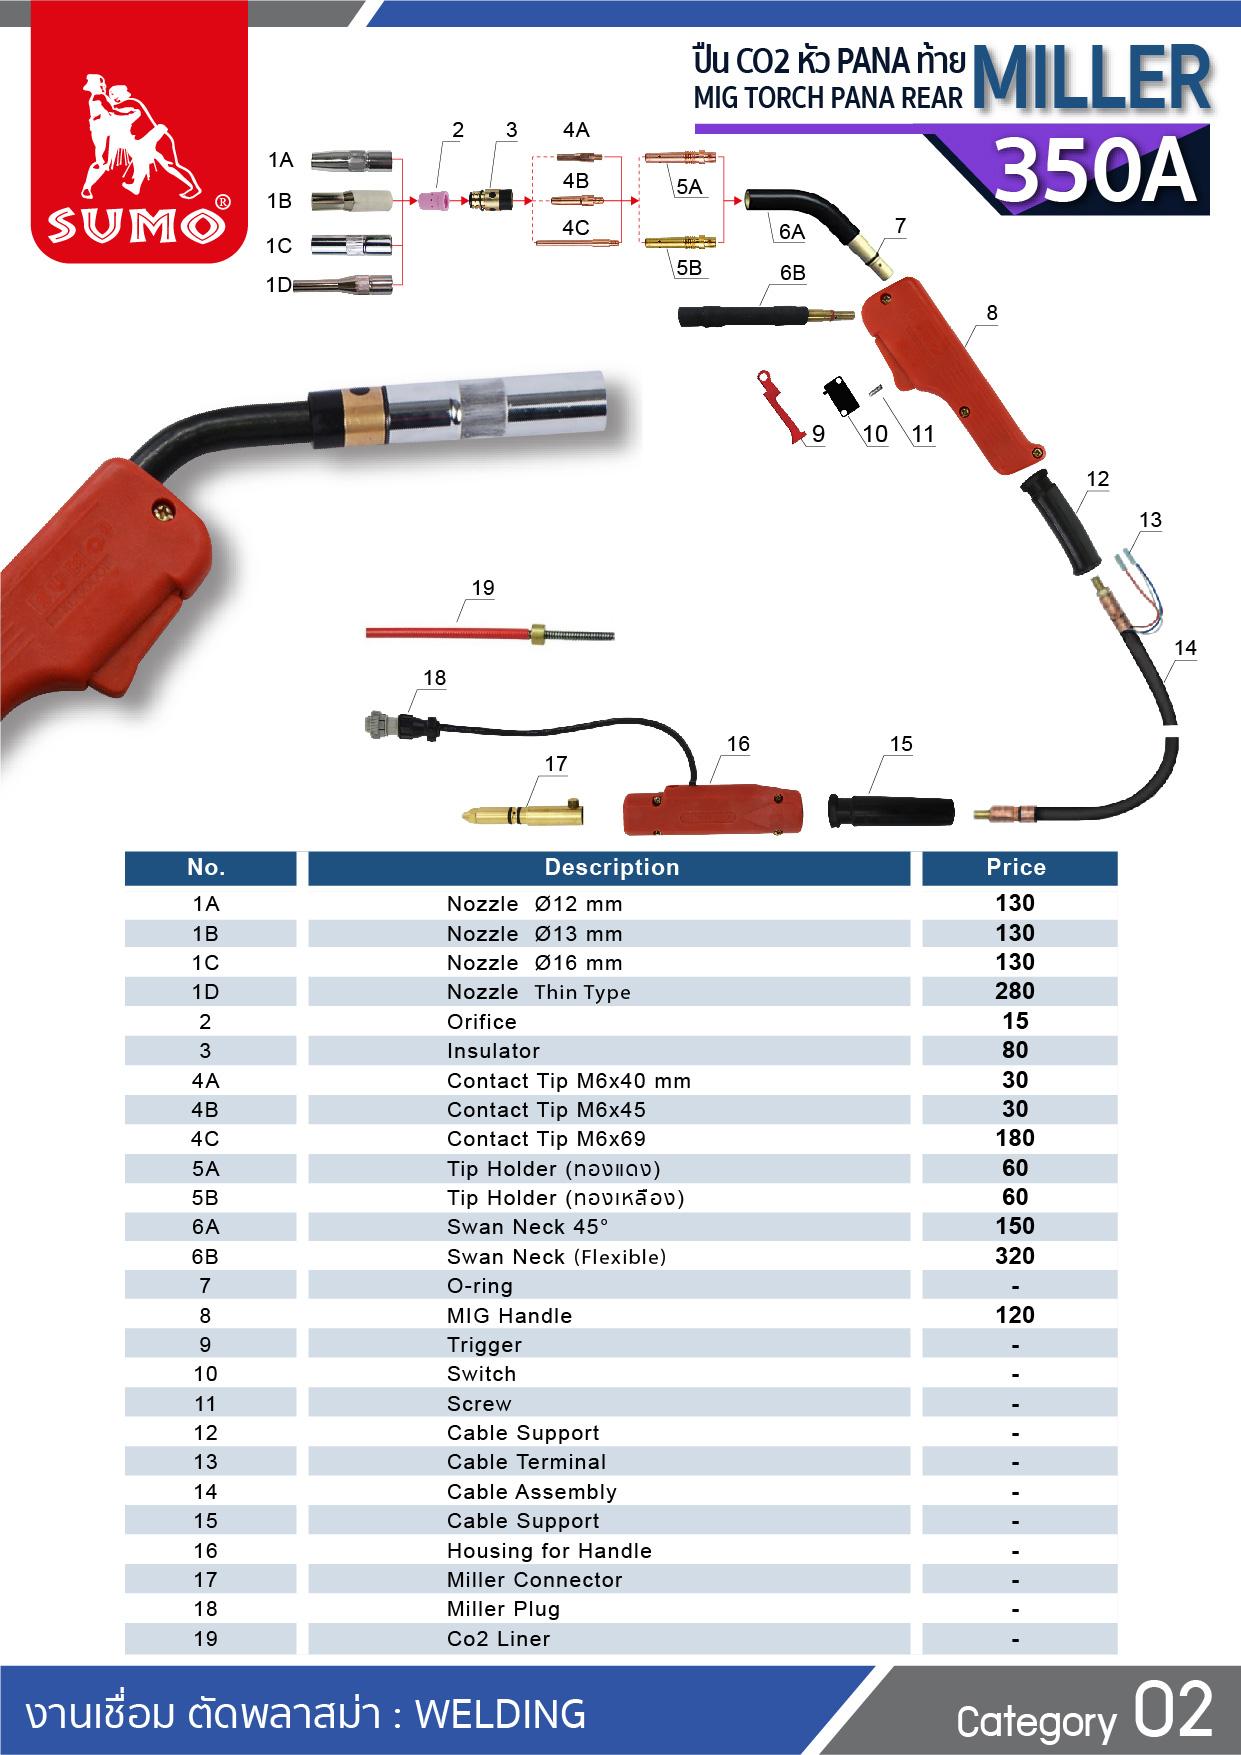 (201/277) ปืน CO2 PANA 350A MILLER Tail